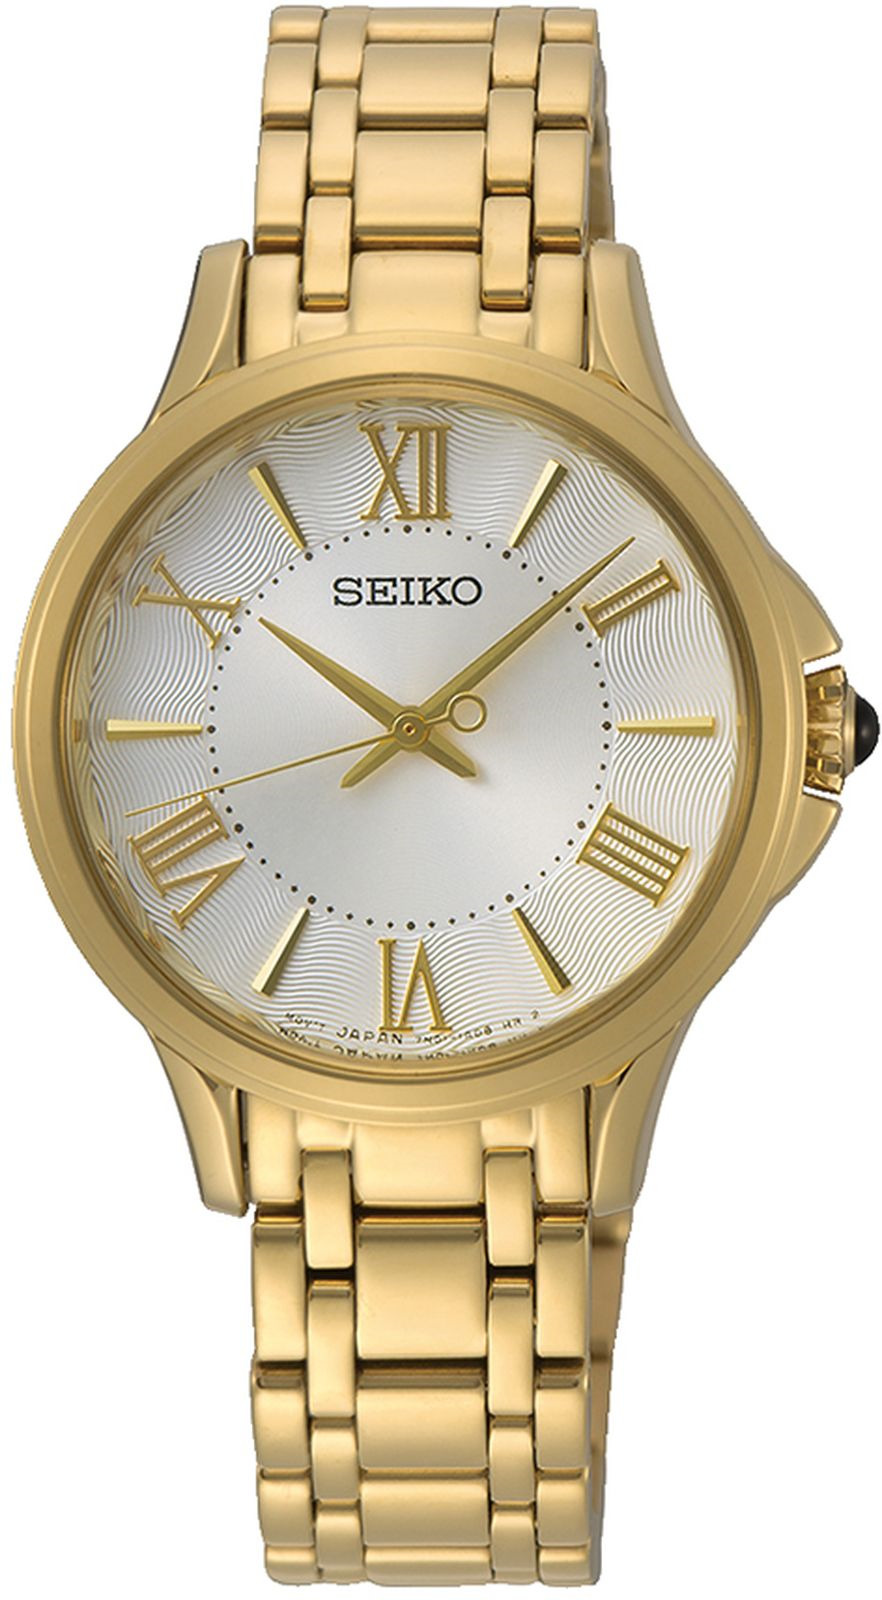 цена на Наручные часы Seiko женские, золотой